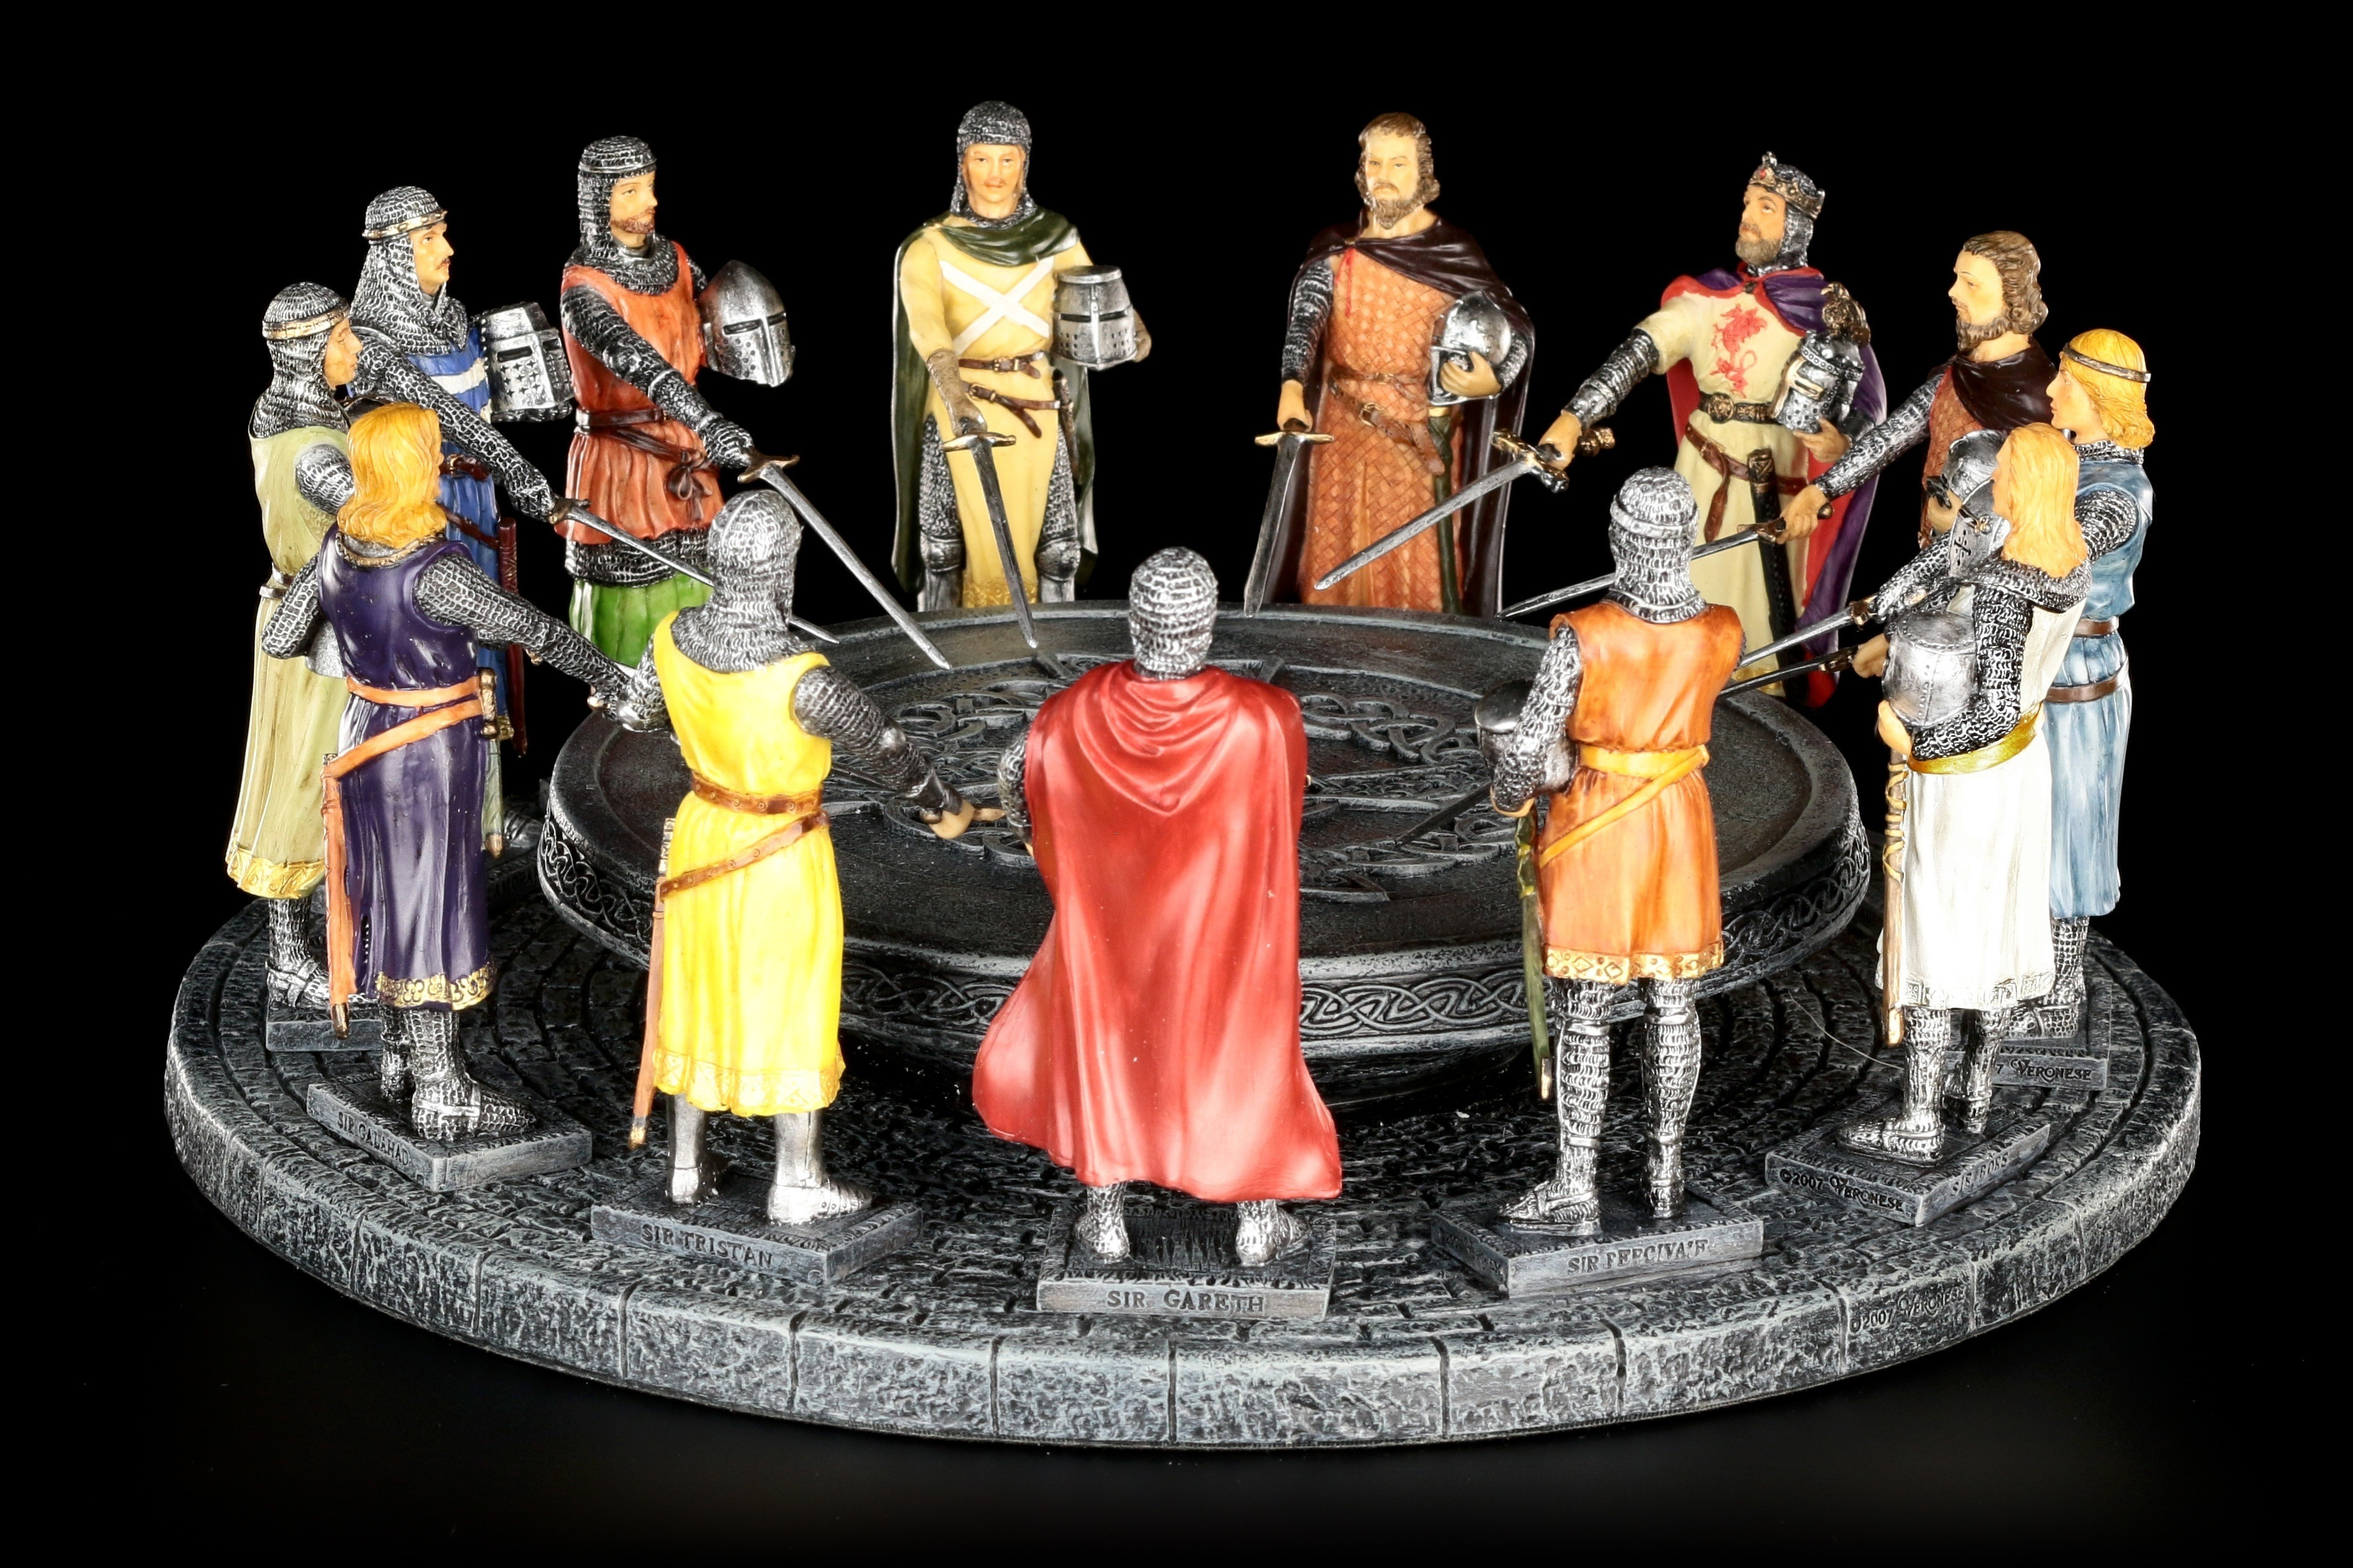 Ritter figuren handbemalt g nstig online kaufen www for 12 knights of round table